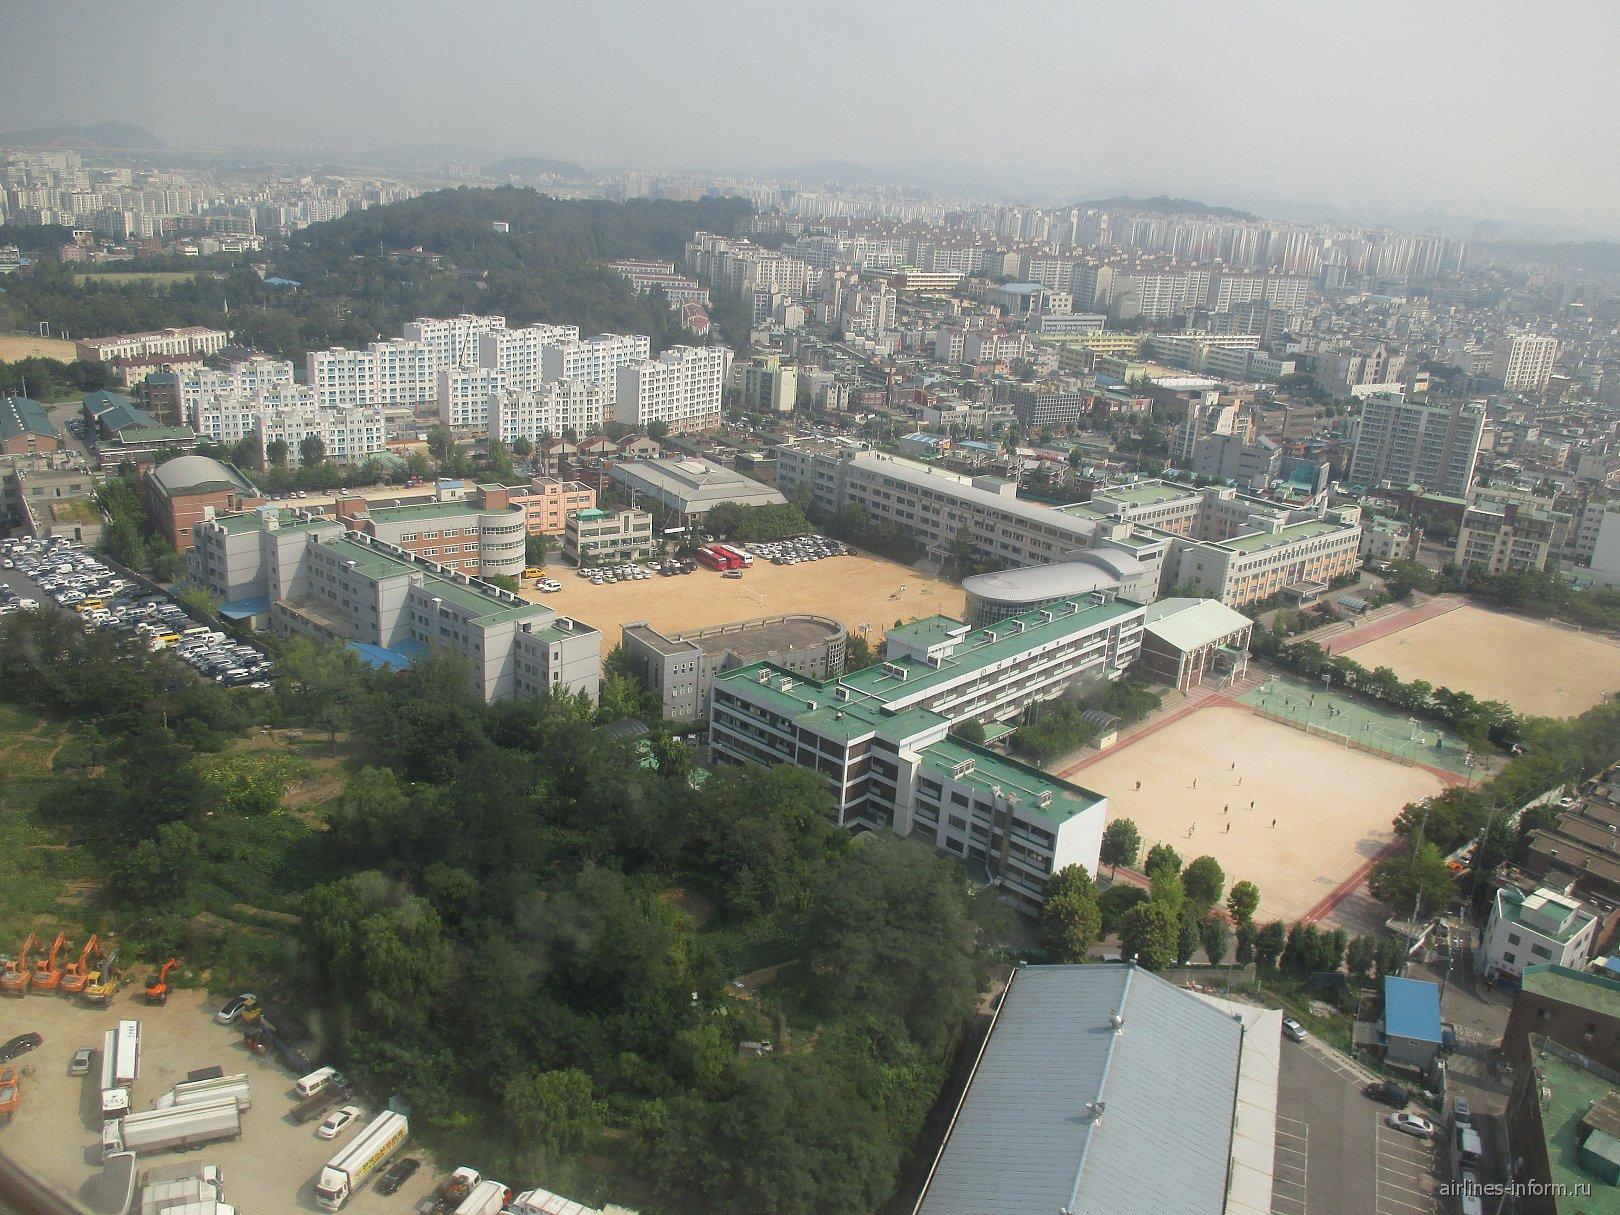 Жилые кварталы перед посадкой в аэропорту Сеул Гимпо